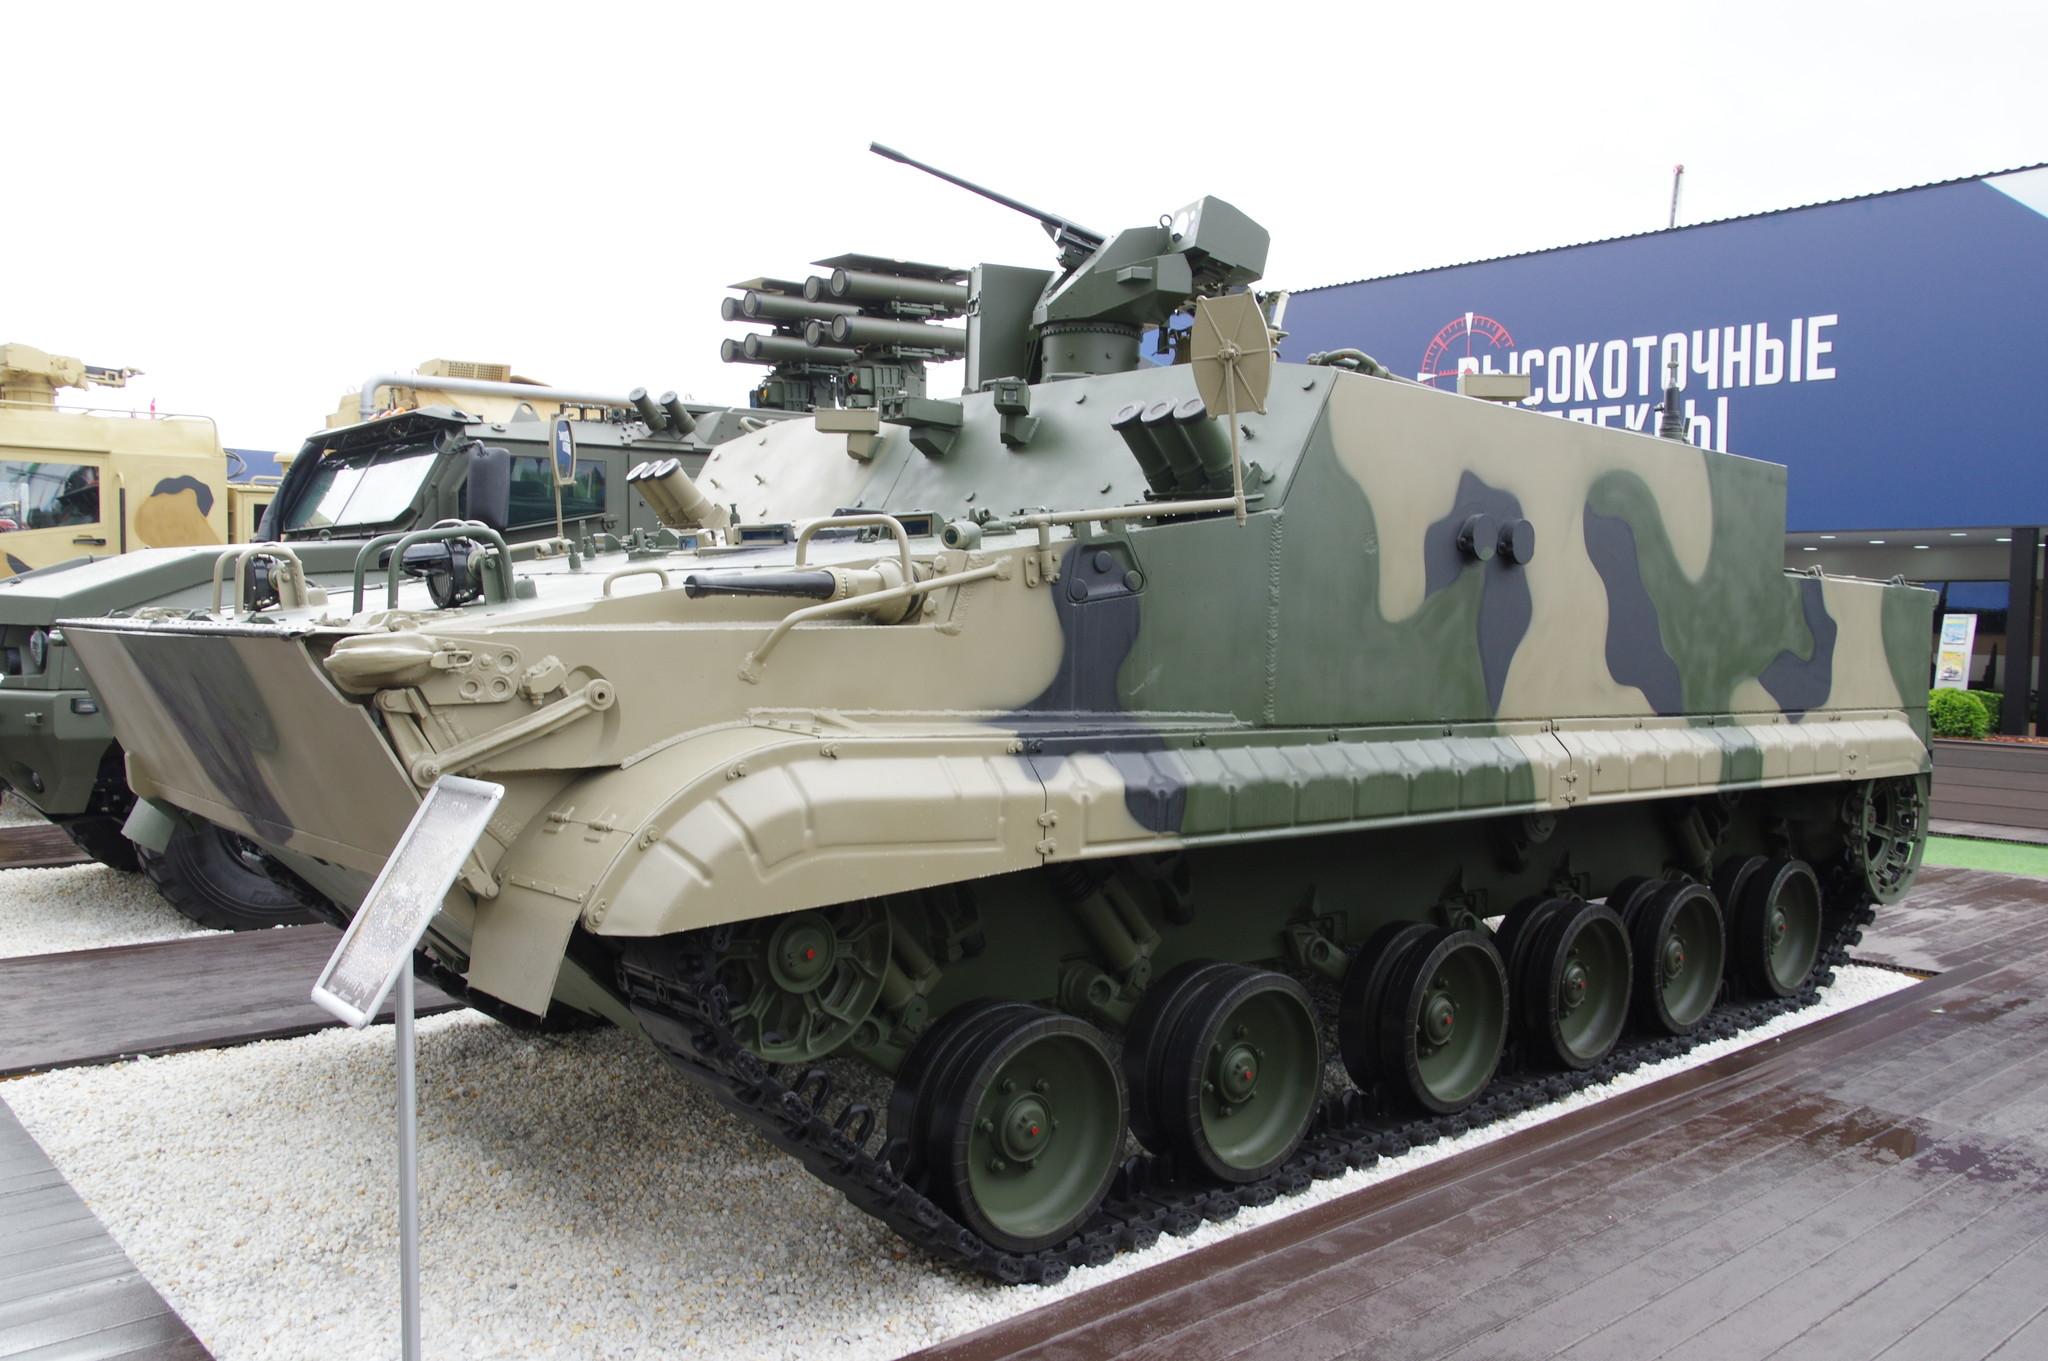 Гусеничный плавающий бронетранспортёр БТ-3Ф